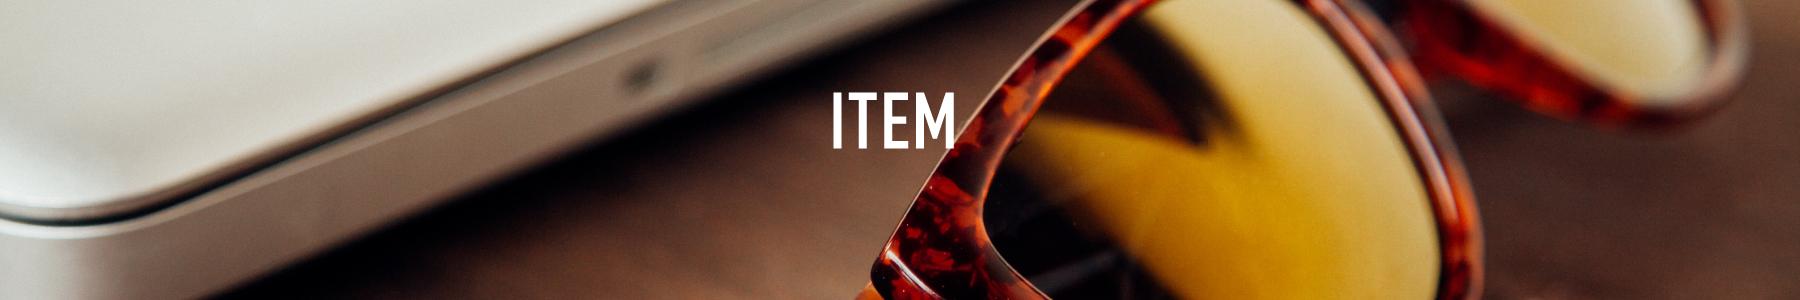 Pc item